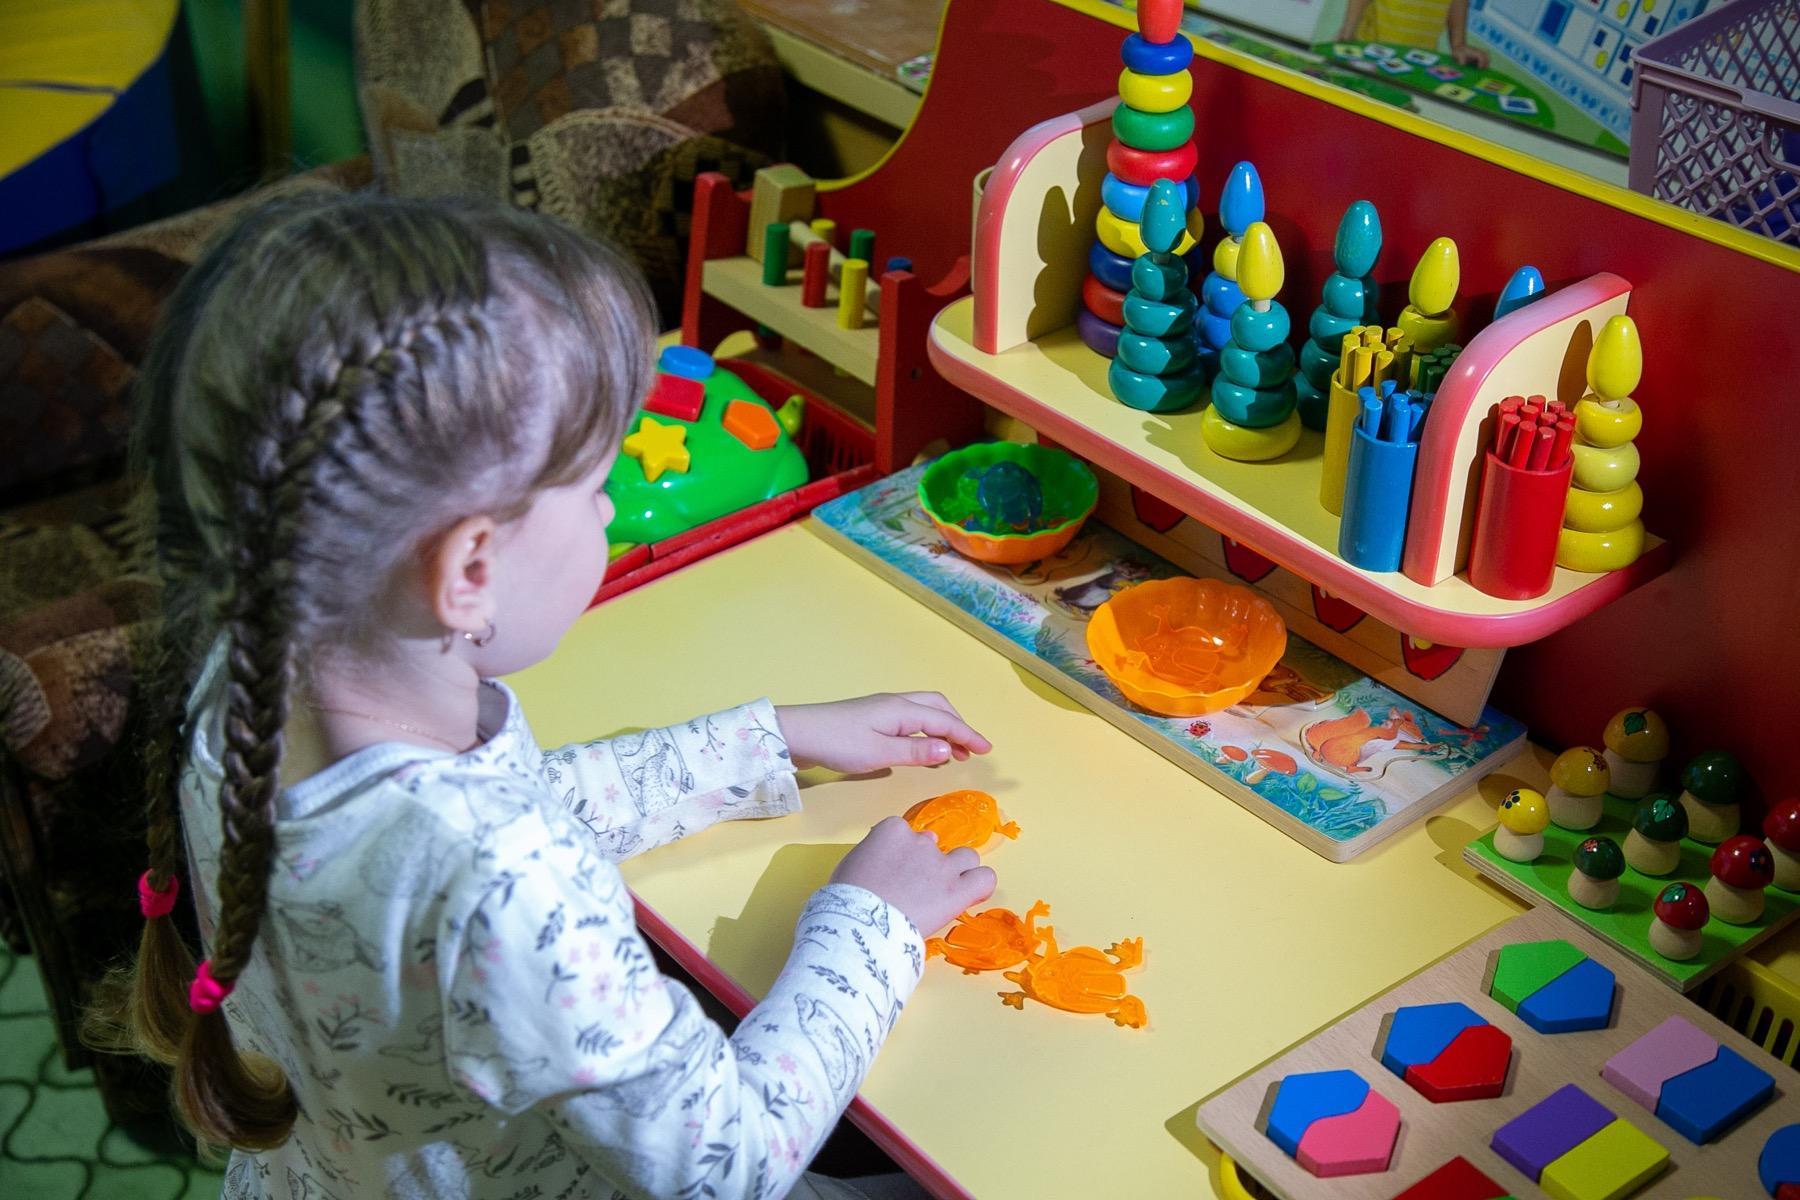 Коломенский детский сад признан одним из лучших в России по инклюзивному образованию